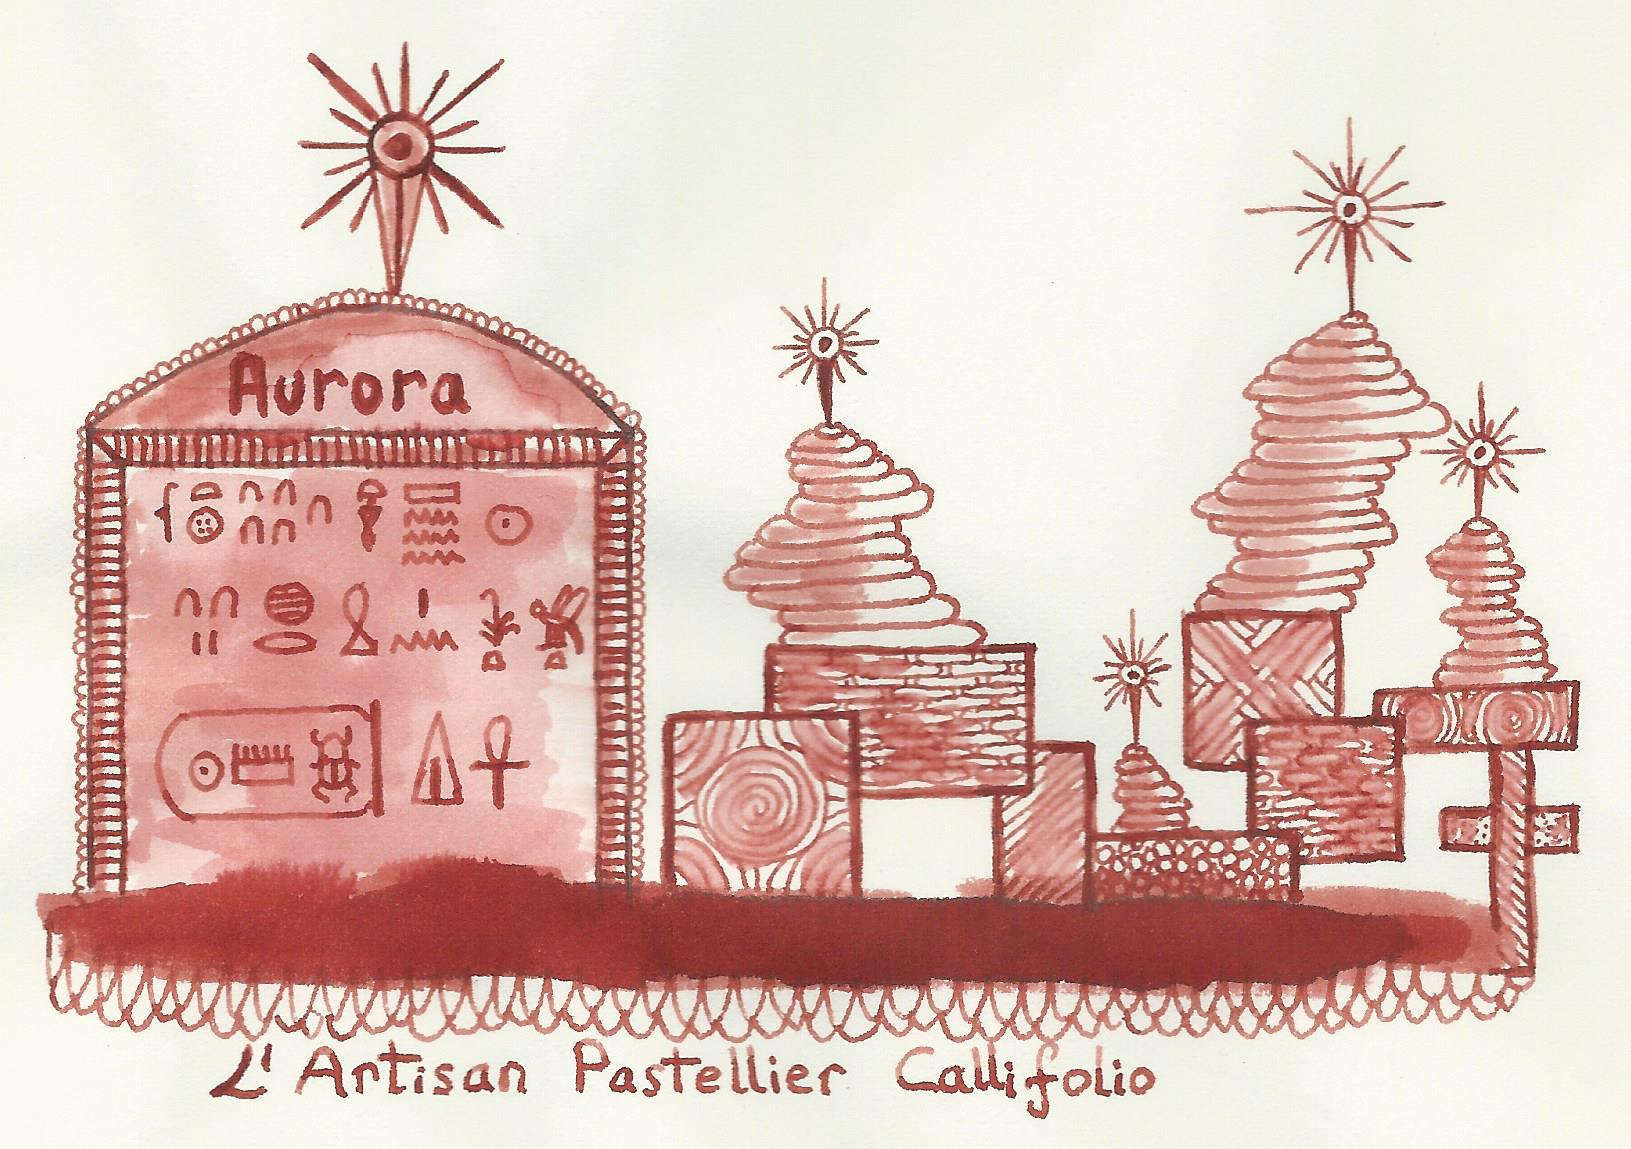 fpn_1512074329__callifolio_-_aurora_-_ti